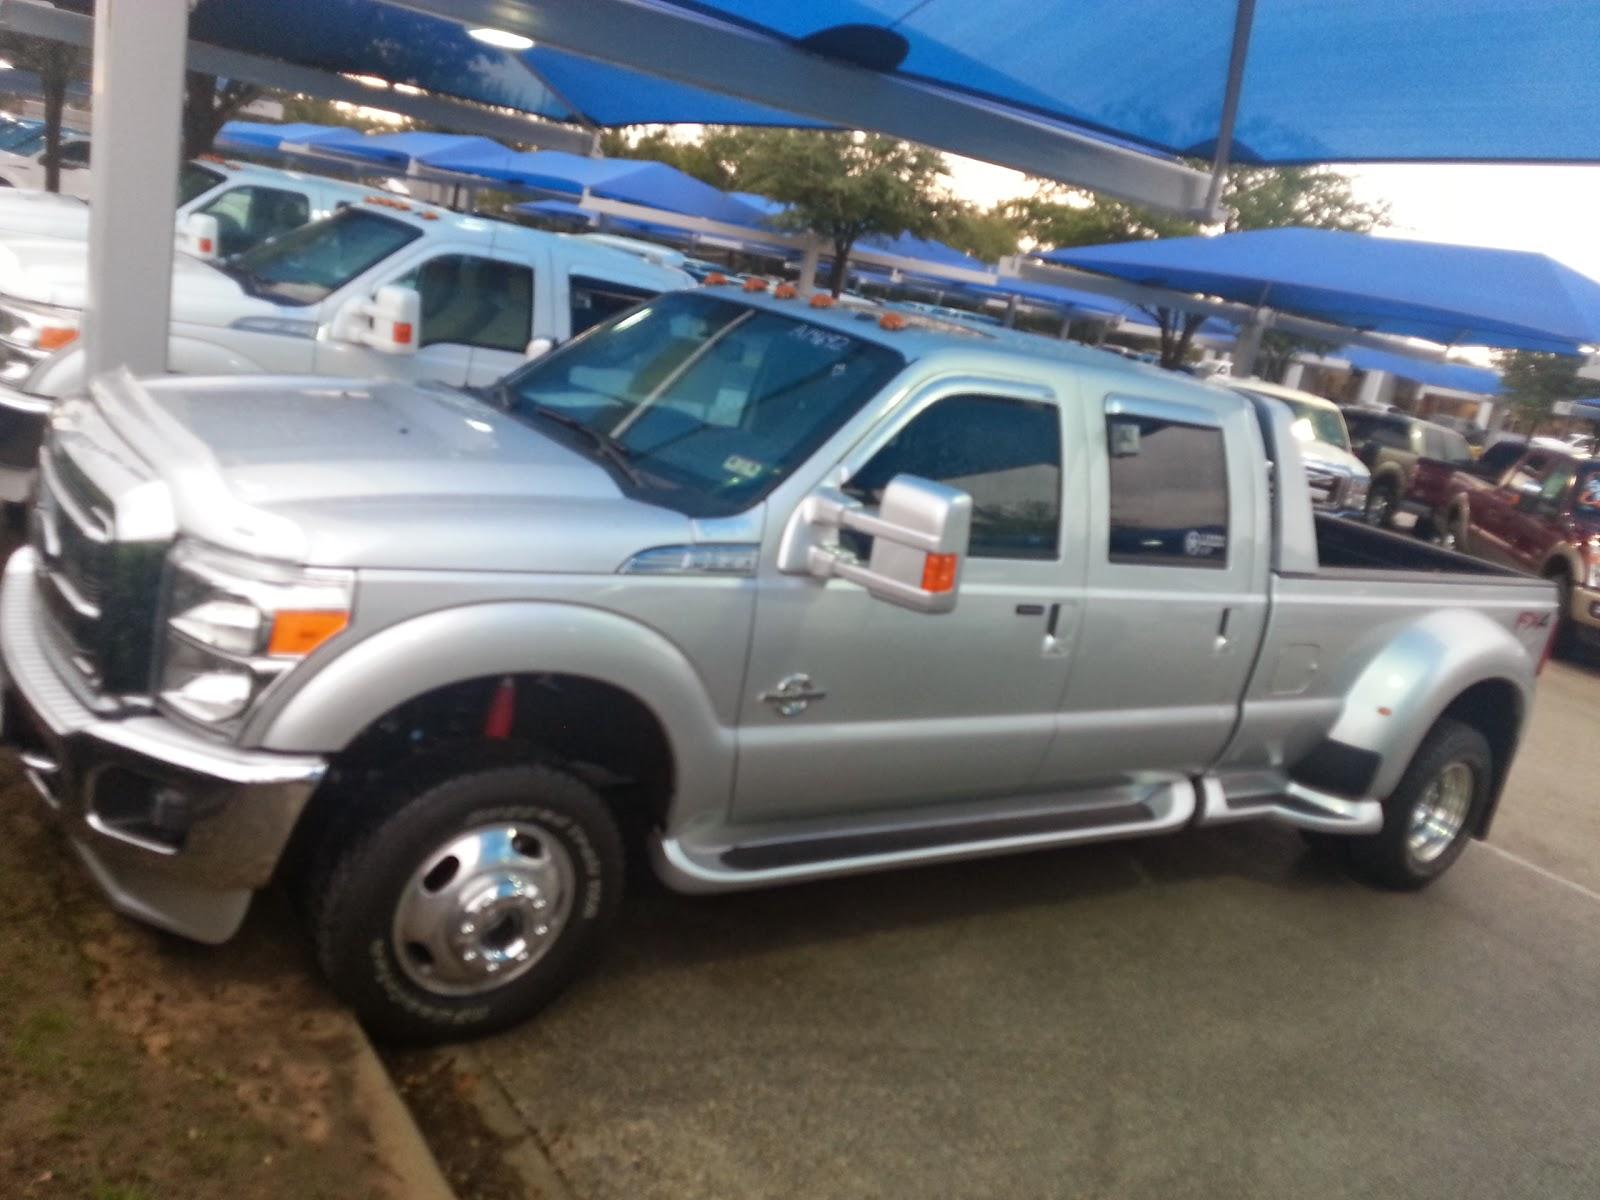 New 2014 ford f550 f450 f350 laredo hauler trucks tdy sales 817 243 9840